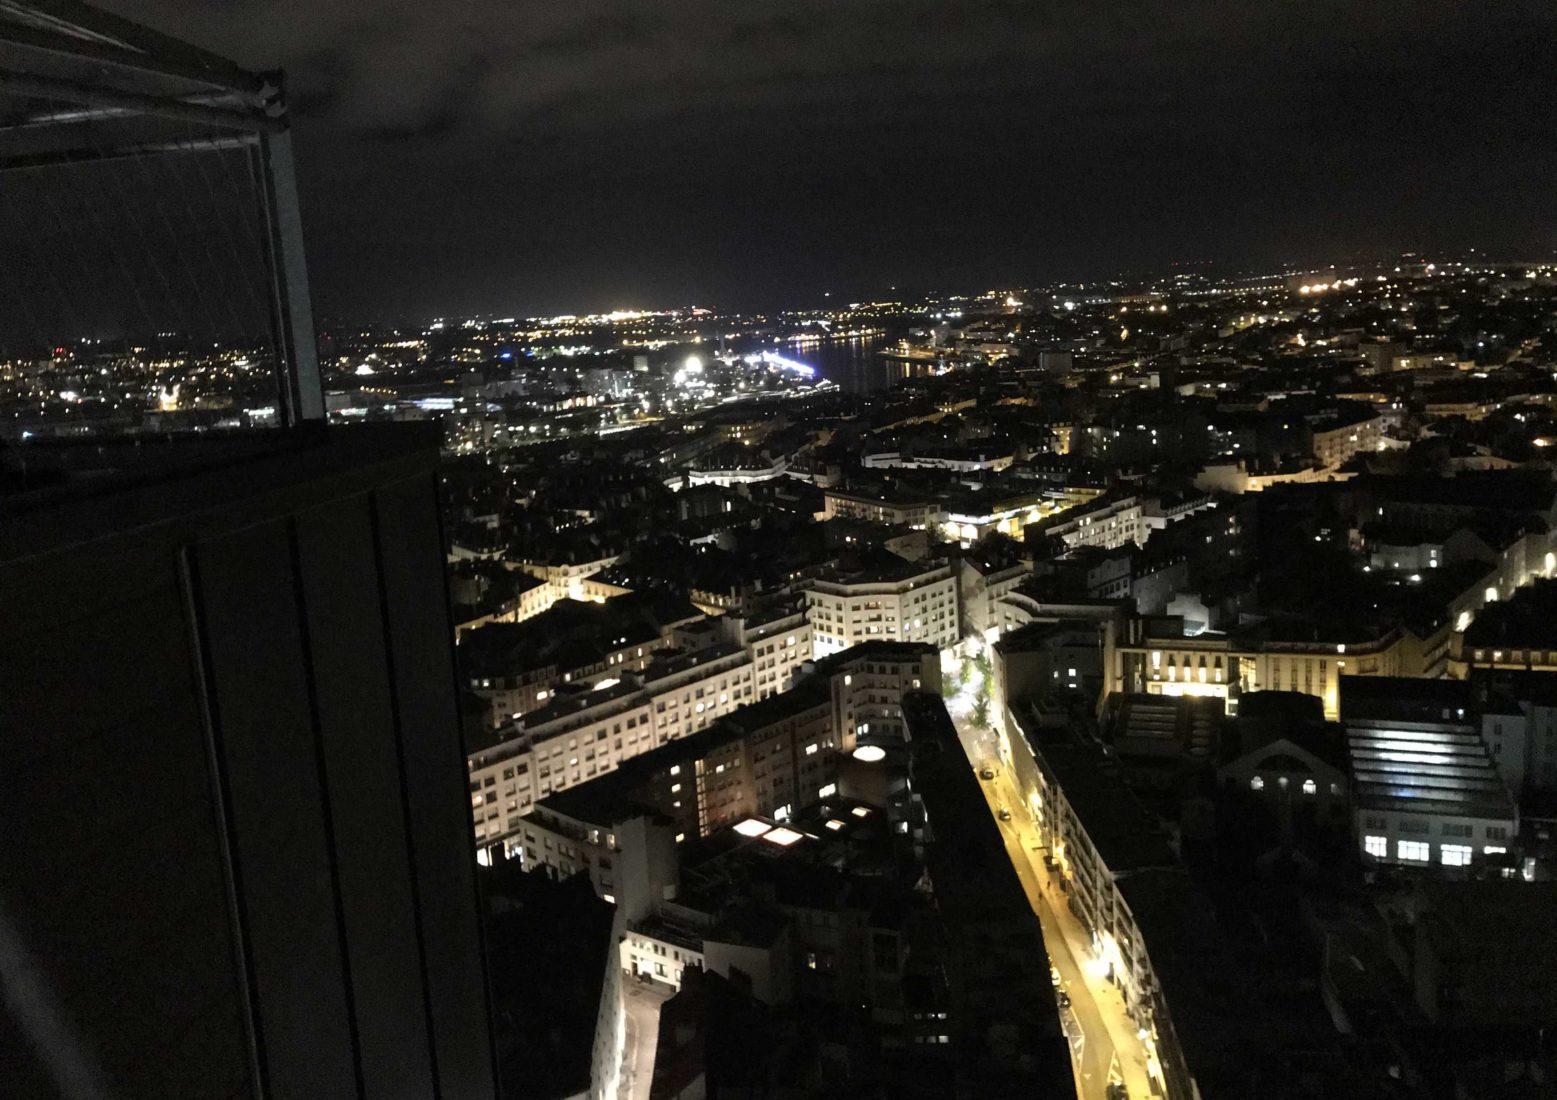 Nantes bar Le Nid vue de nuit